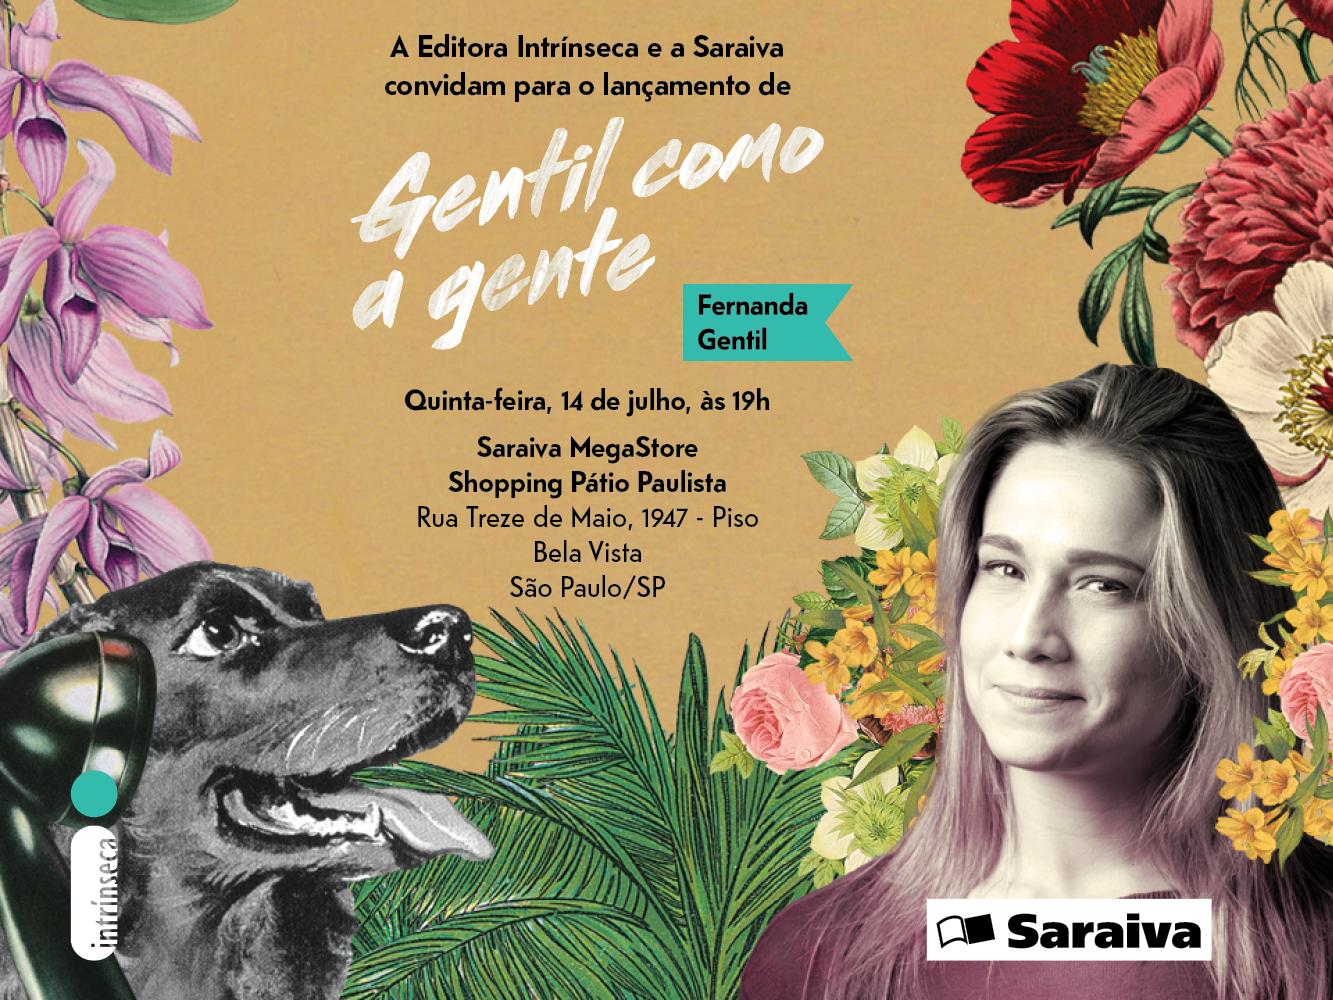 Convite_GentilComoAGente_Face_SP